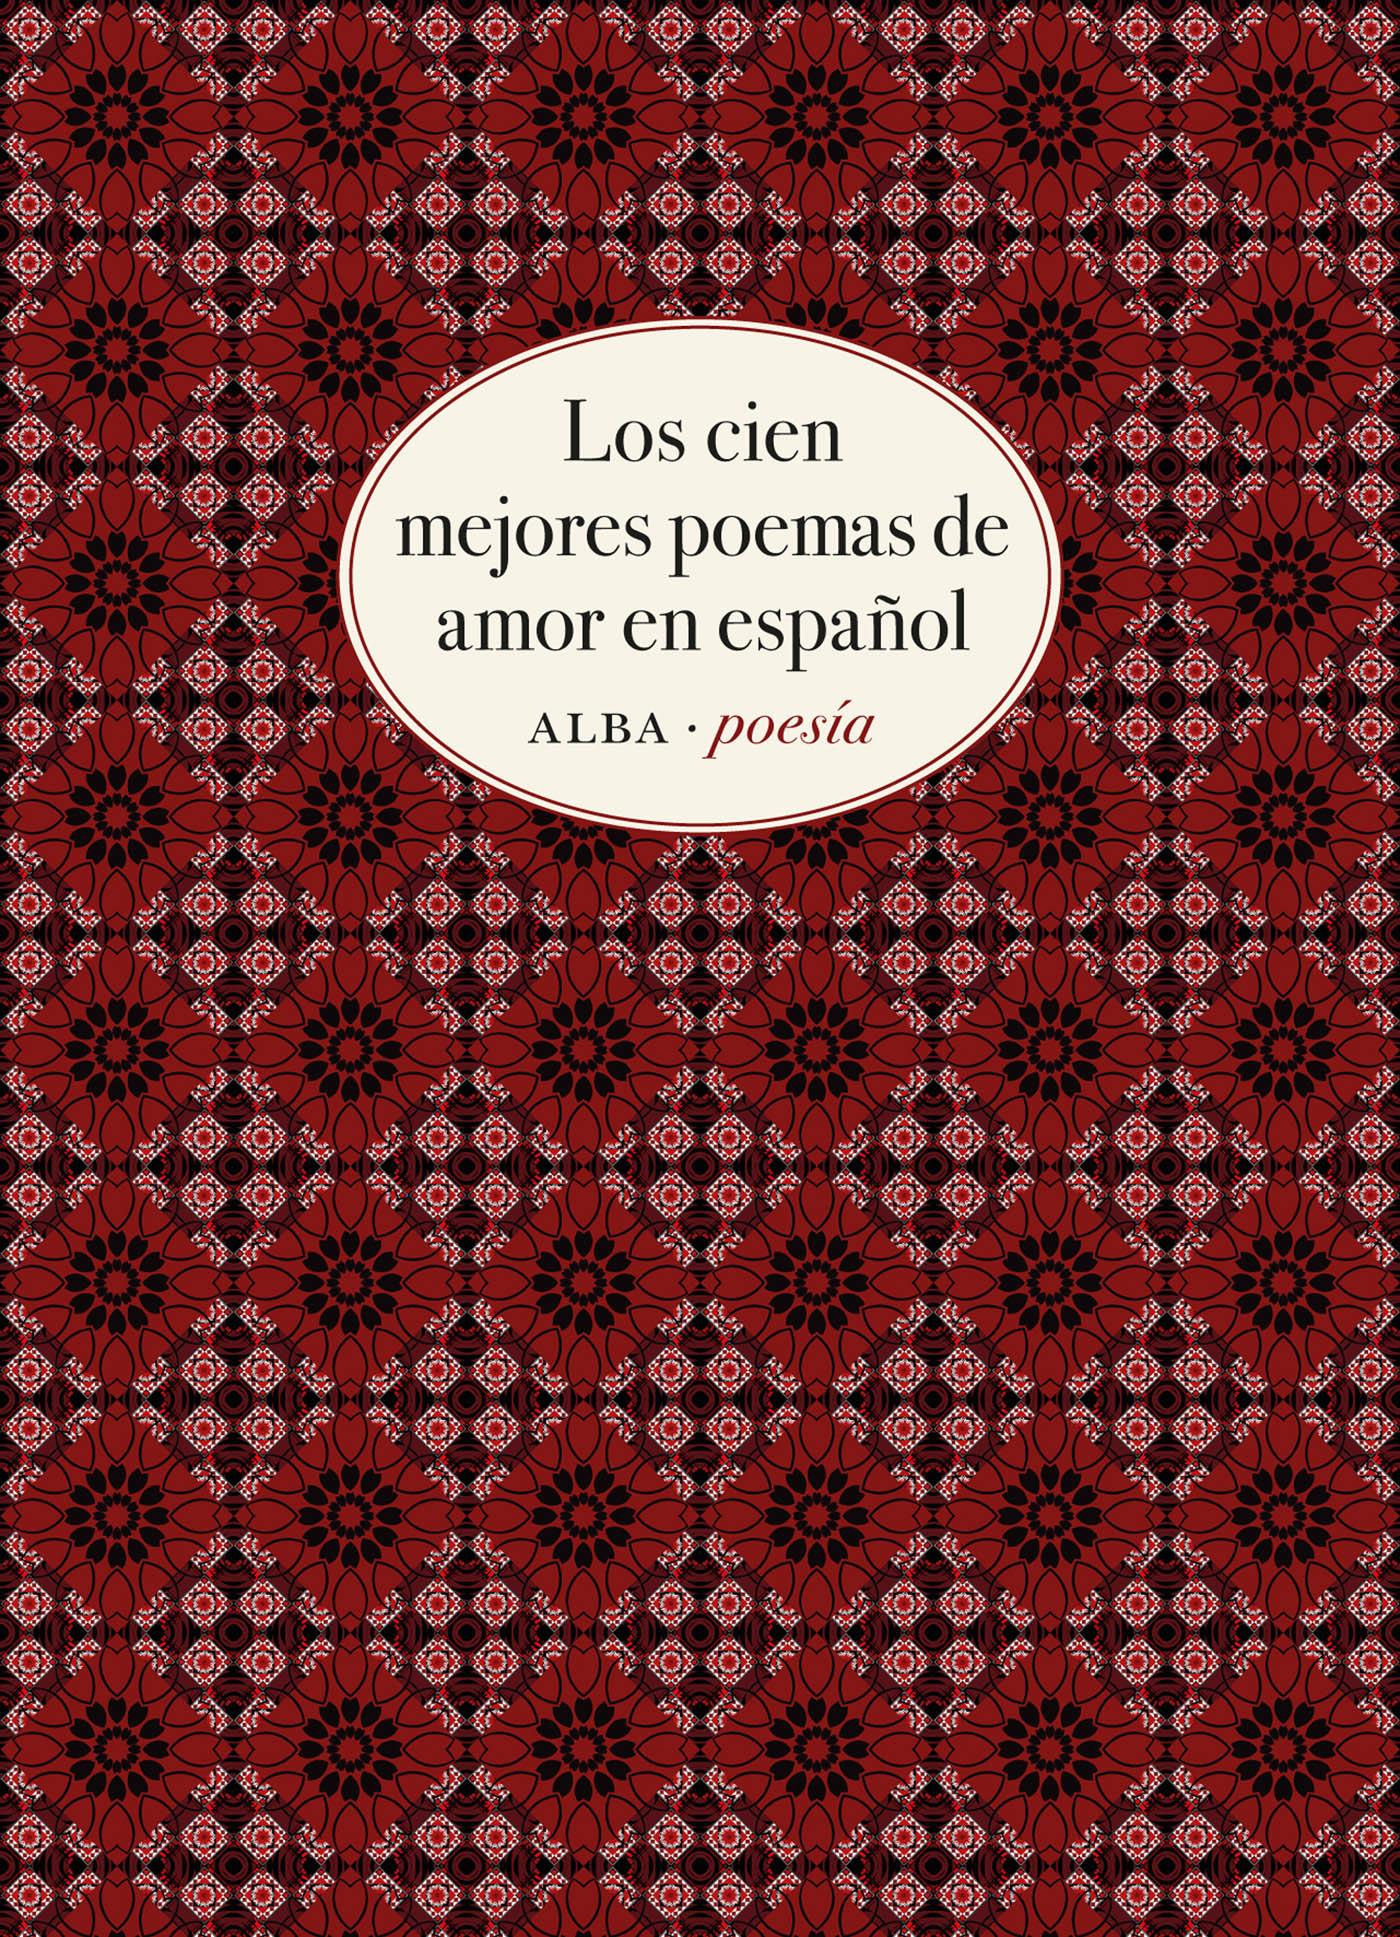 Los 100 mejores poemas de amor en español